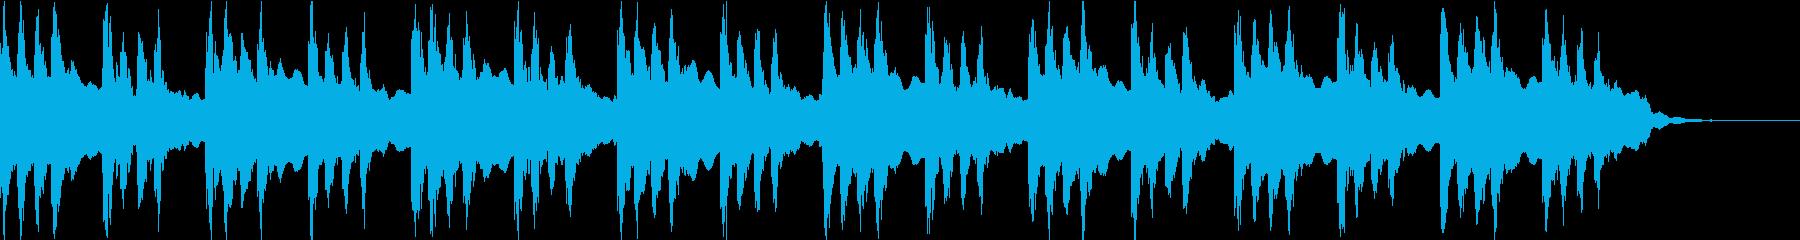 神秘的、幻想的な映像に合うBGMです。の再生済みの波形